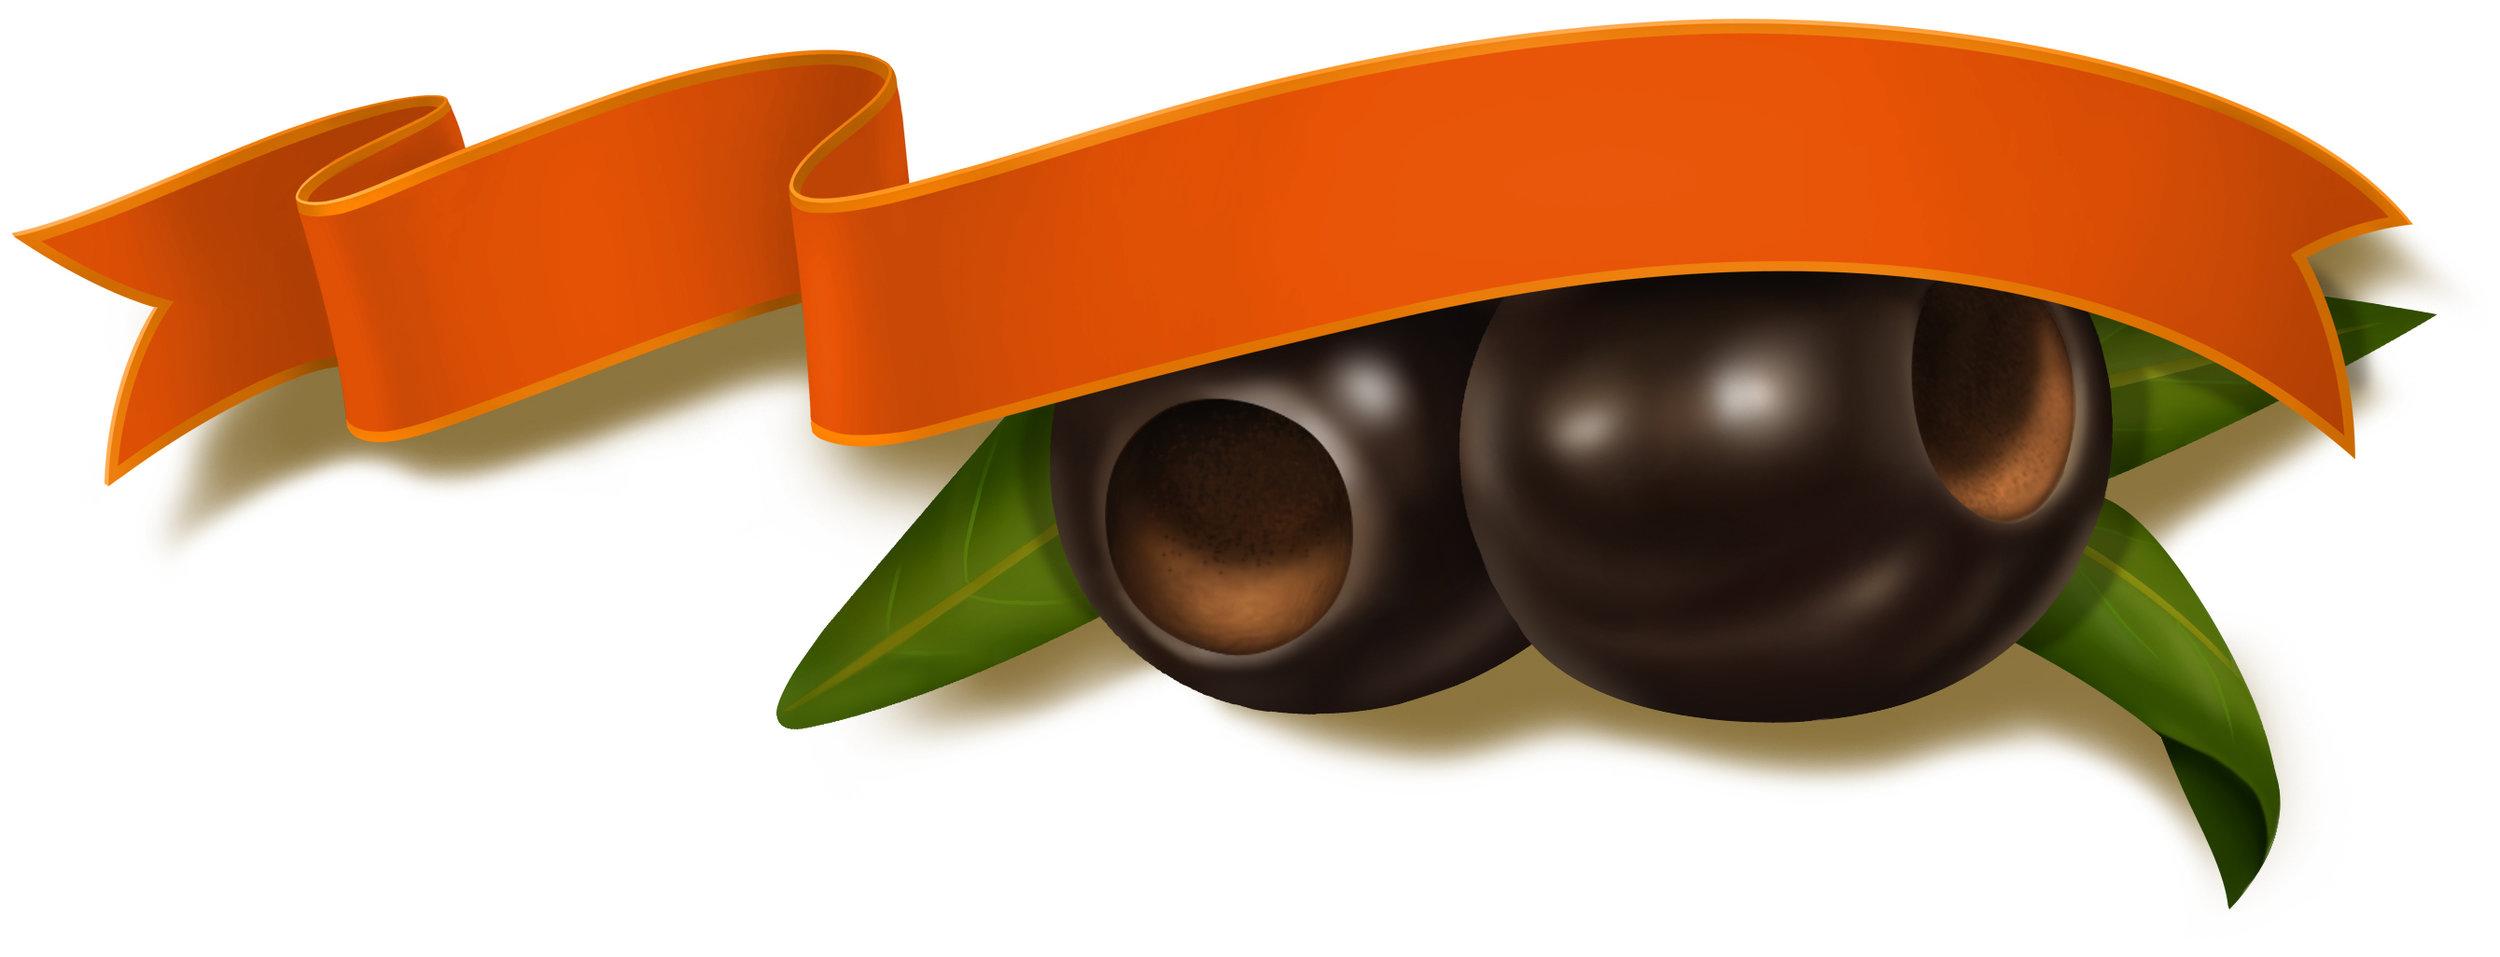 Client:  Ball Design Group